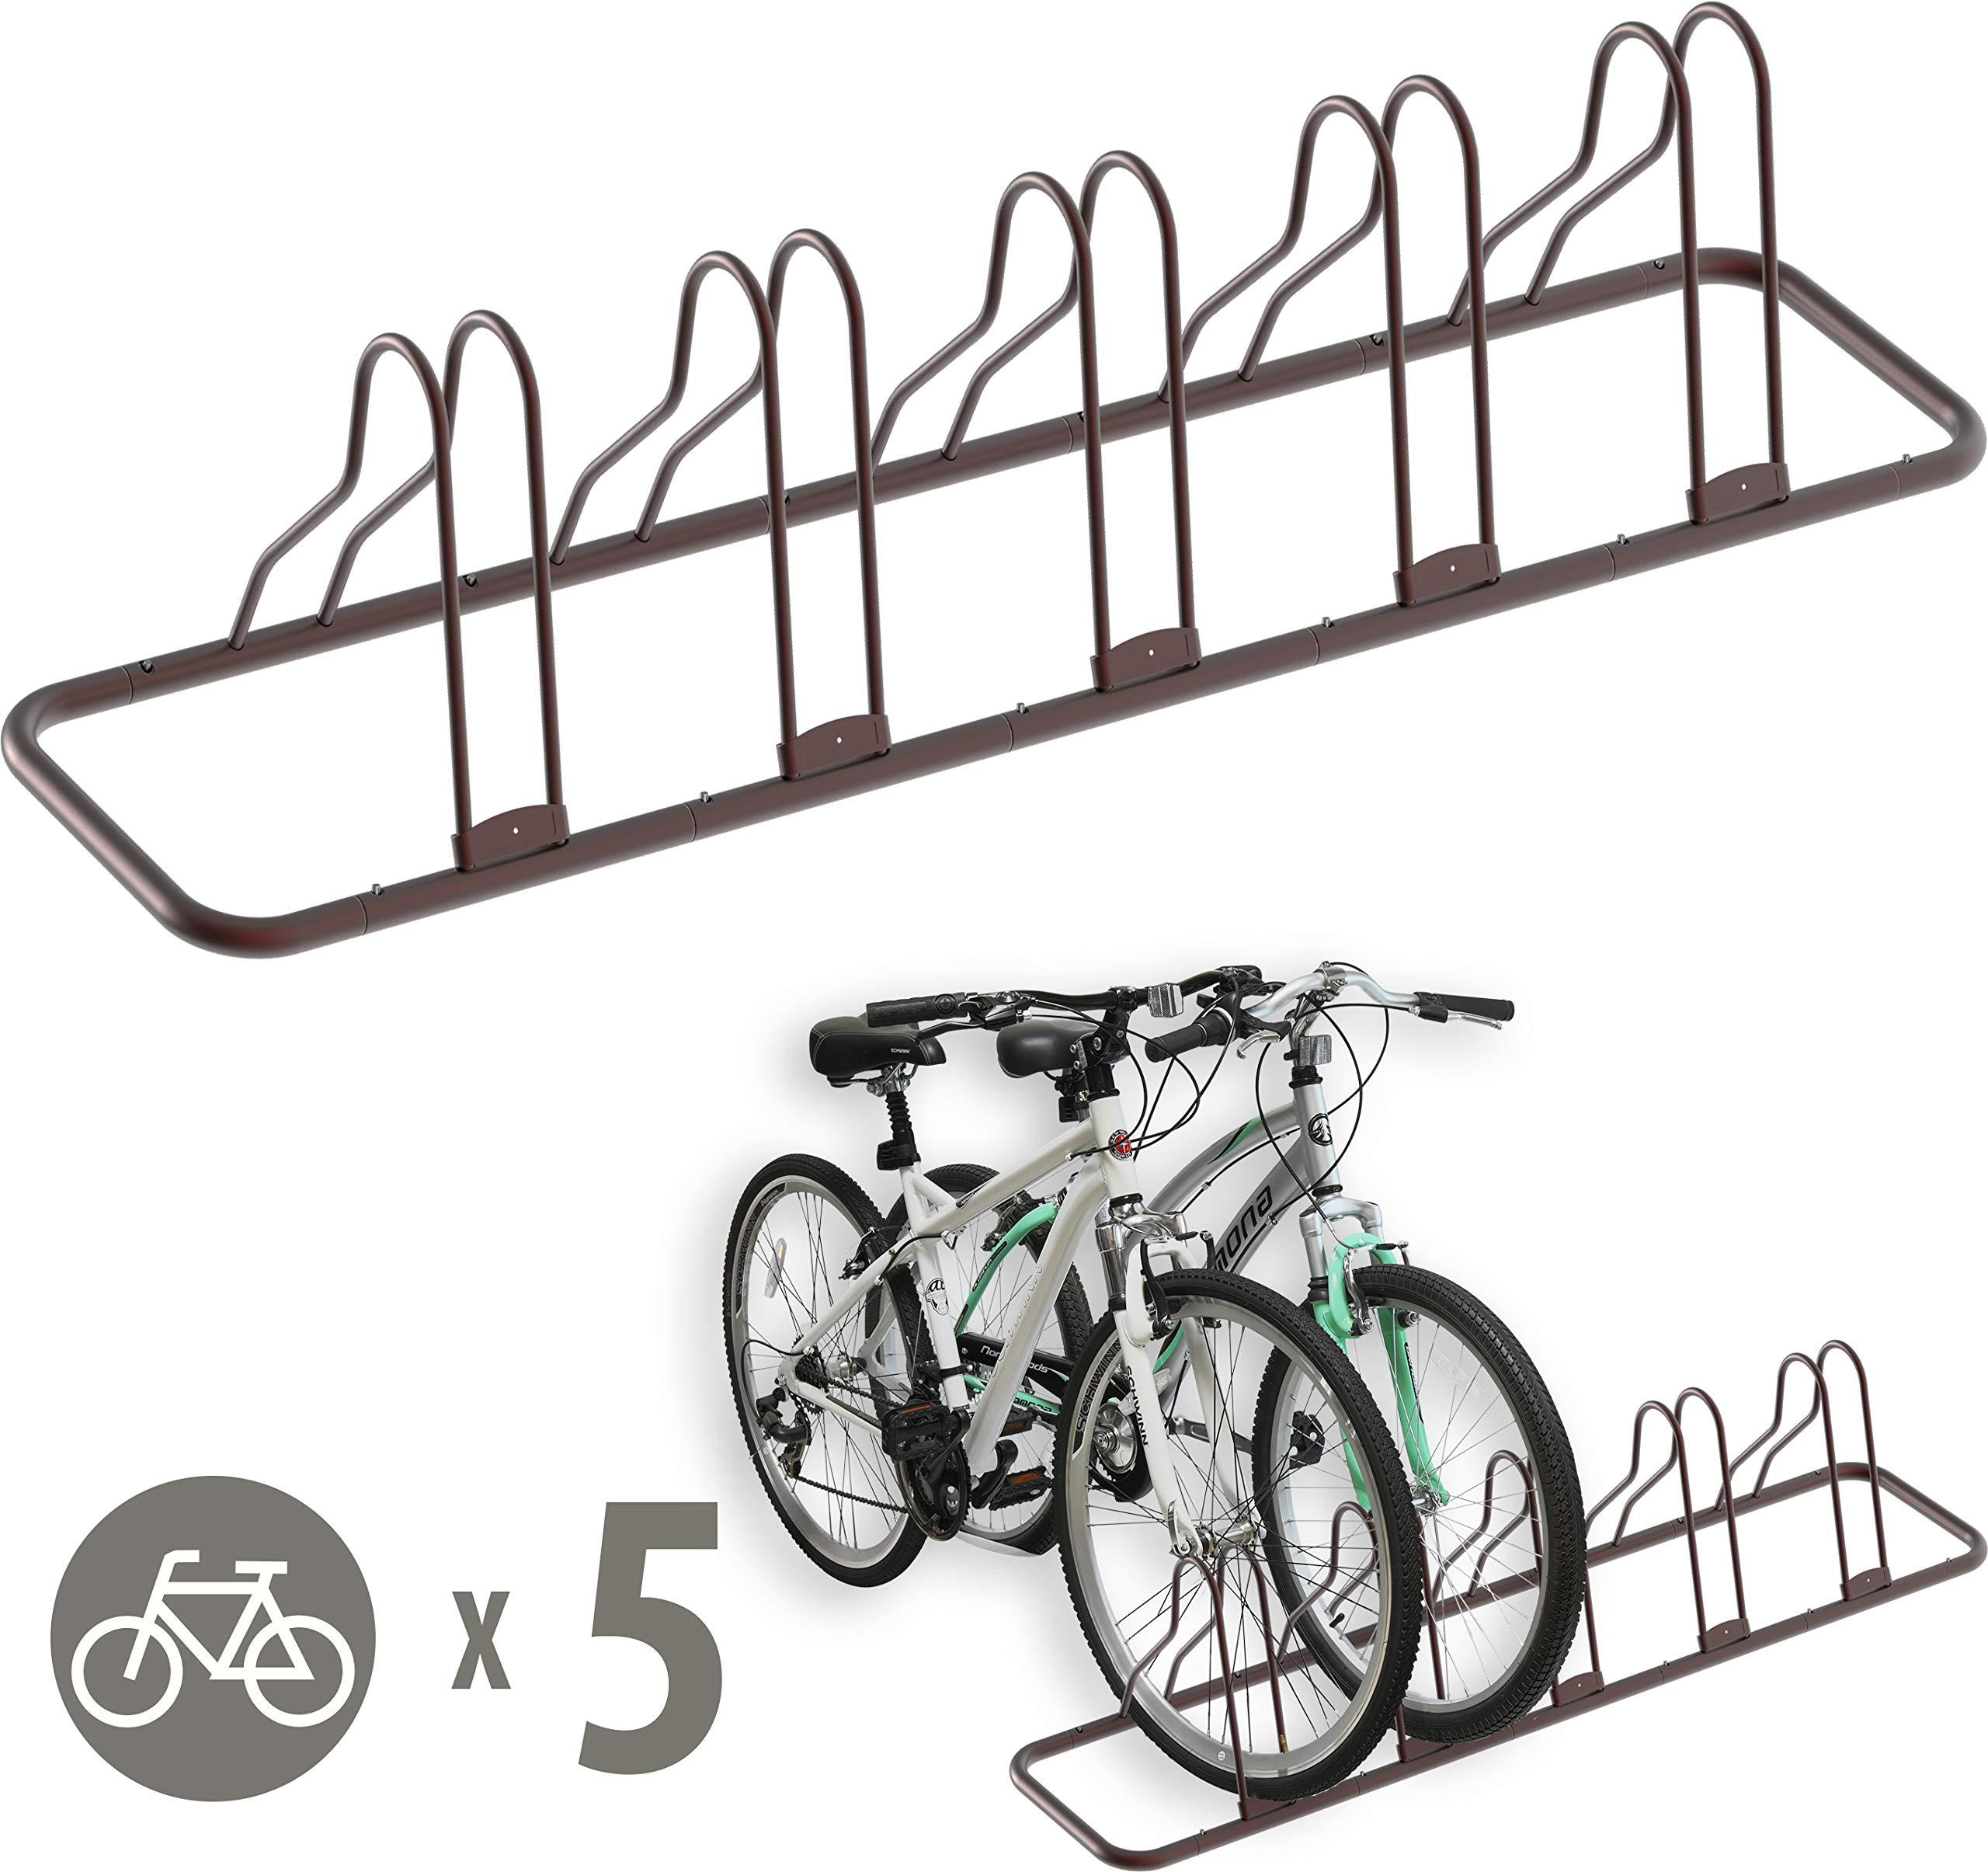 Simple Houseware 5 Bike Bicycle Floor Parking Adjustable Storage Stand, Bronze by Simple Houseware